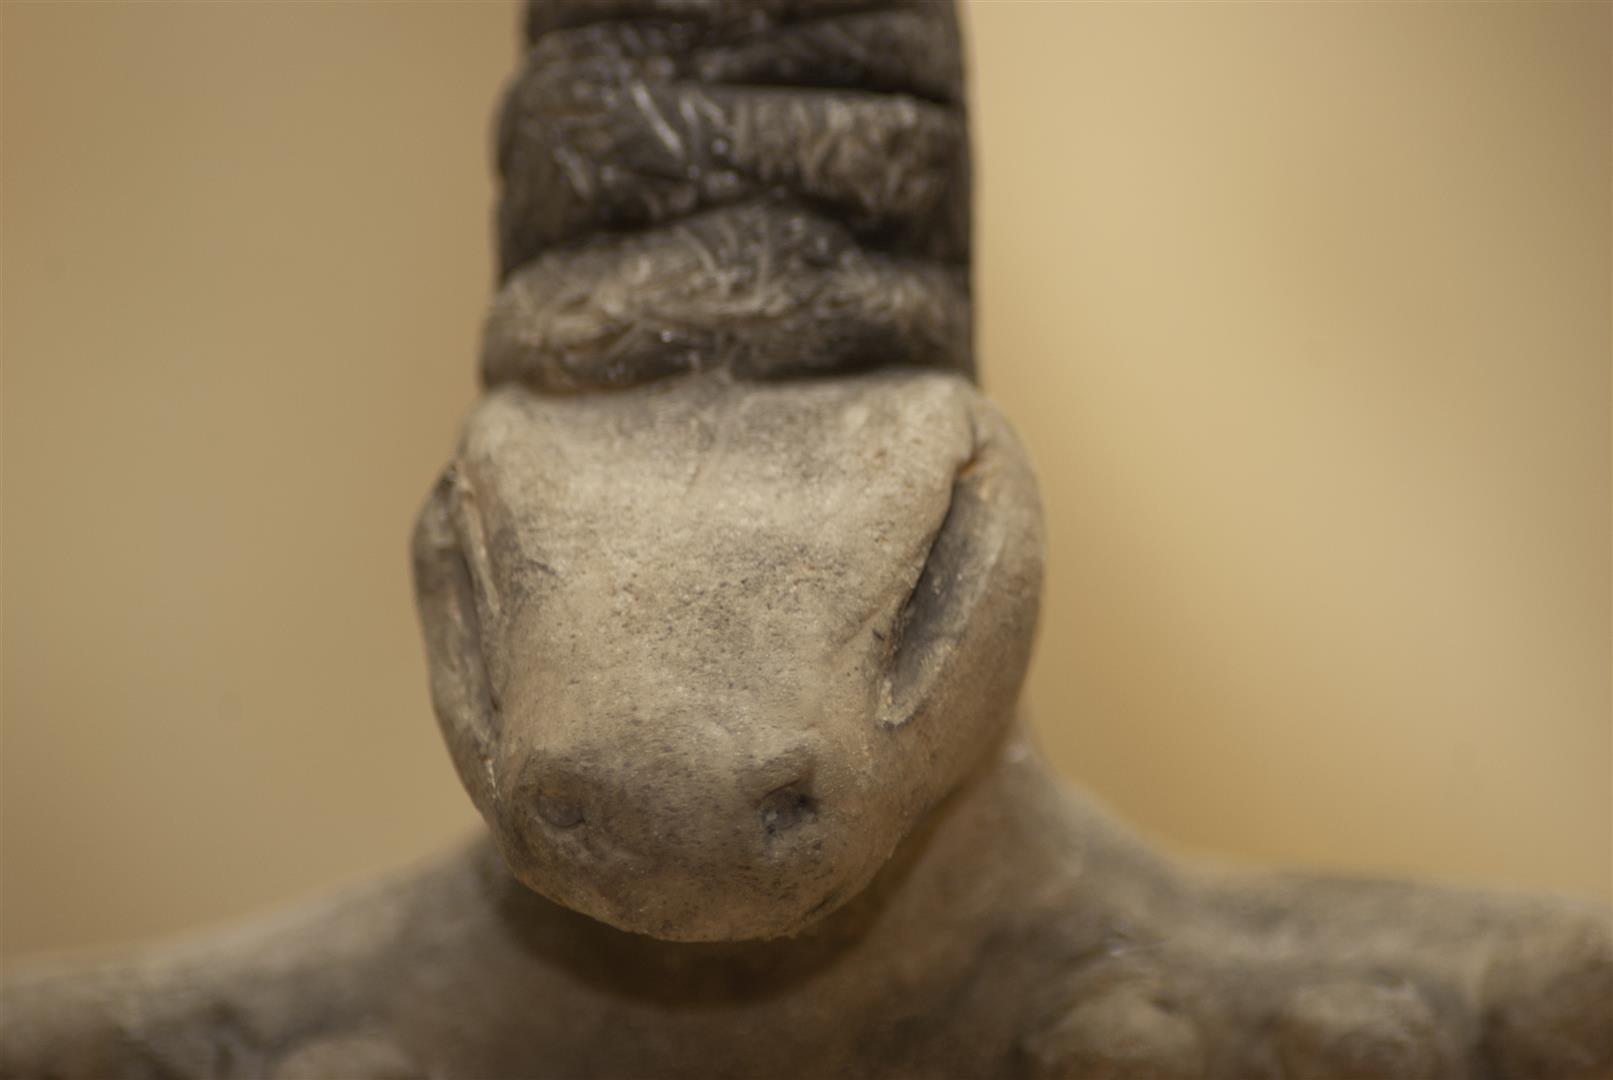 réplica estatuilla diosa Nammu. replica figurine goddess Nammu.